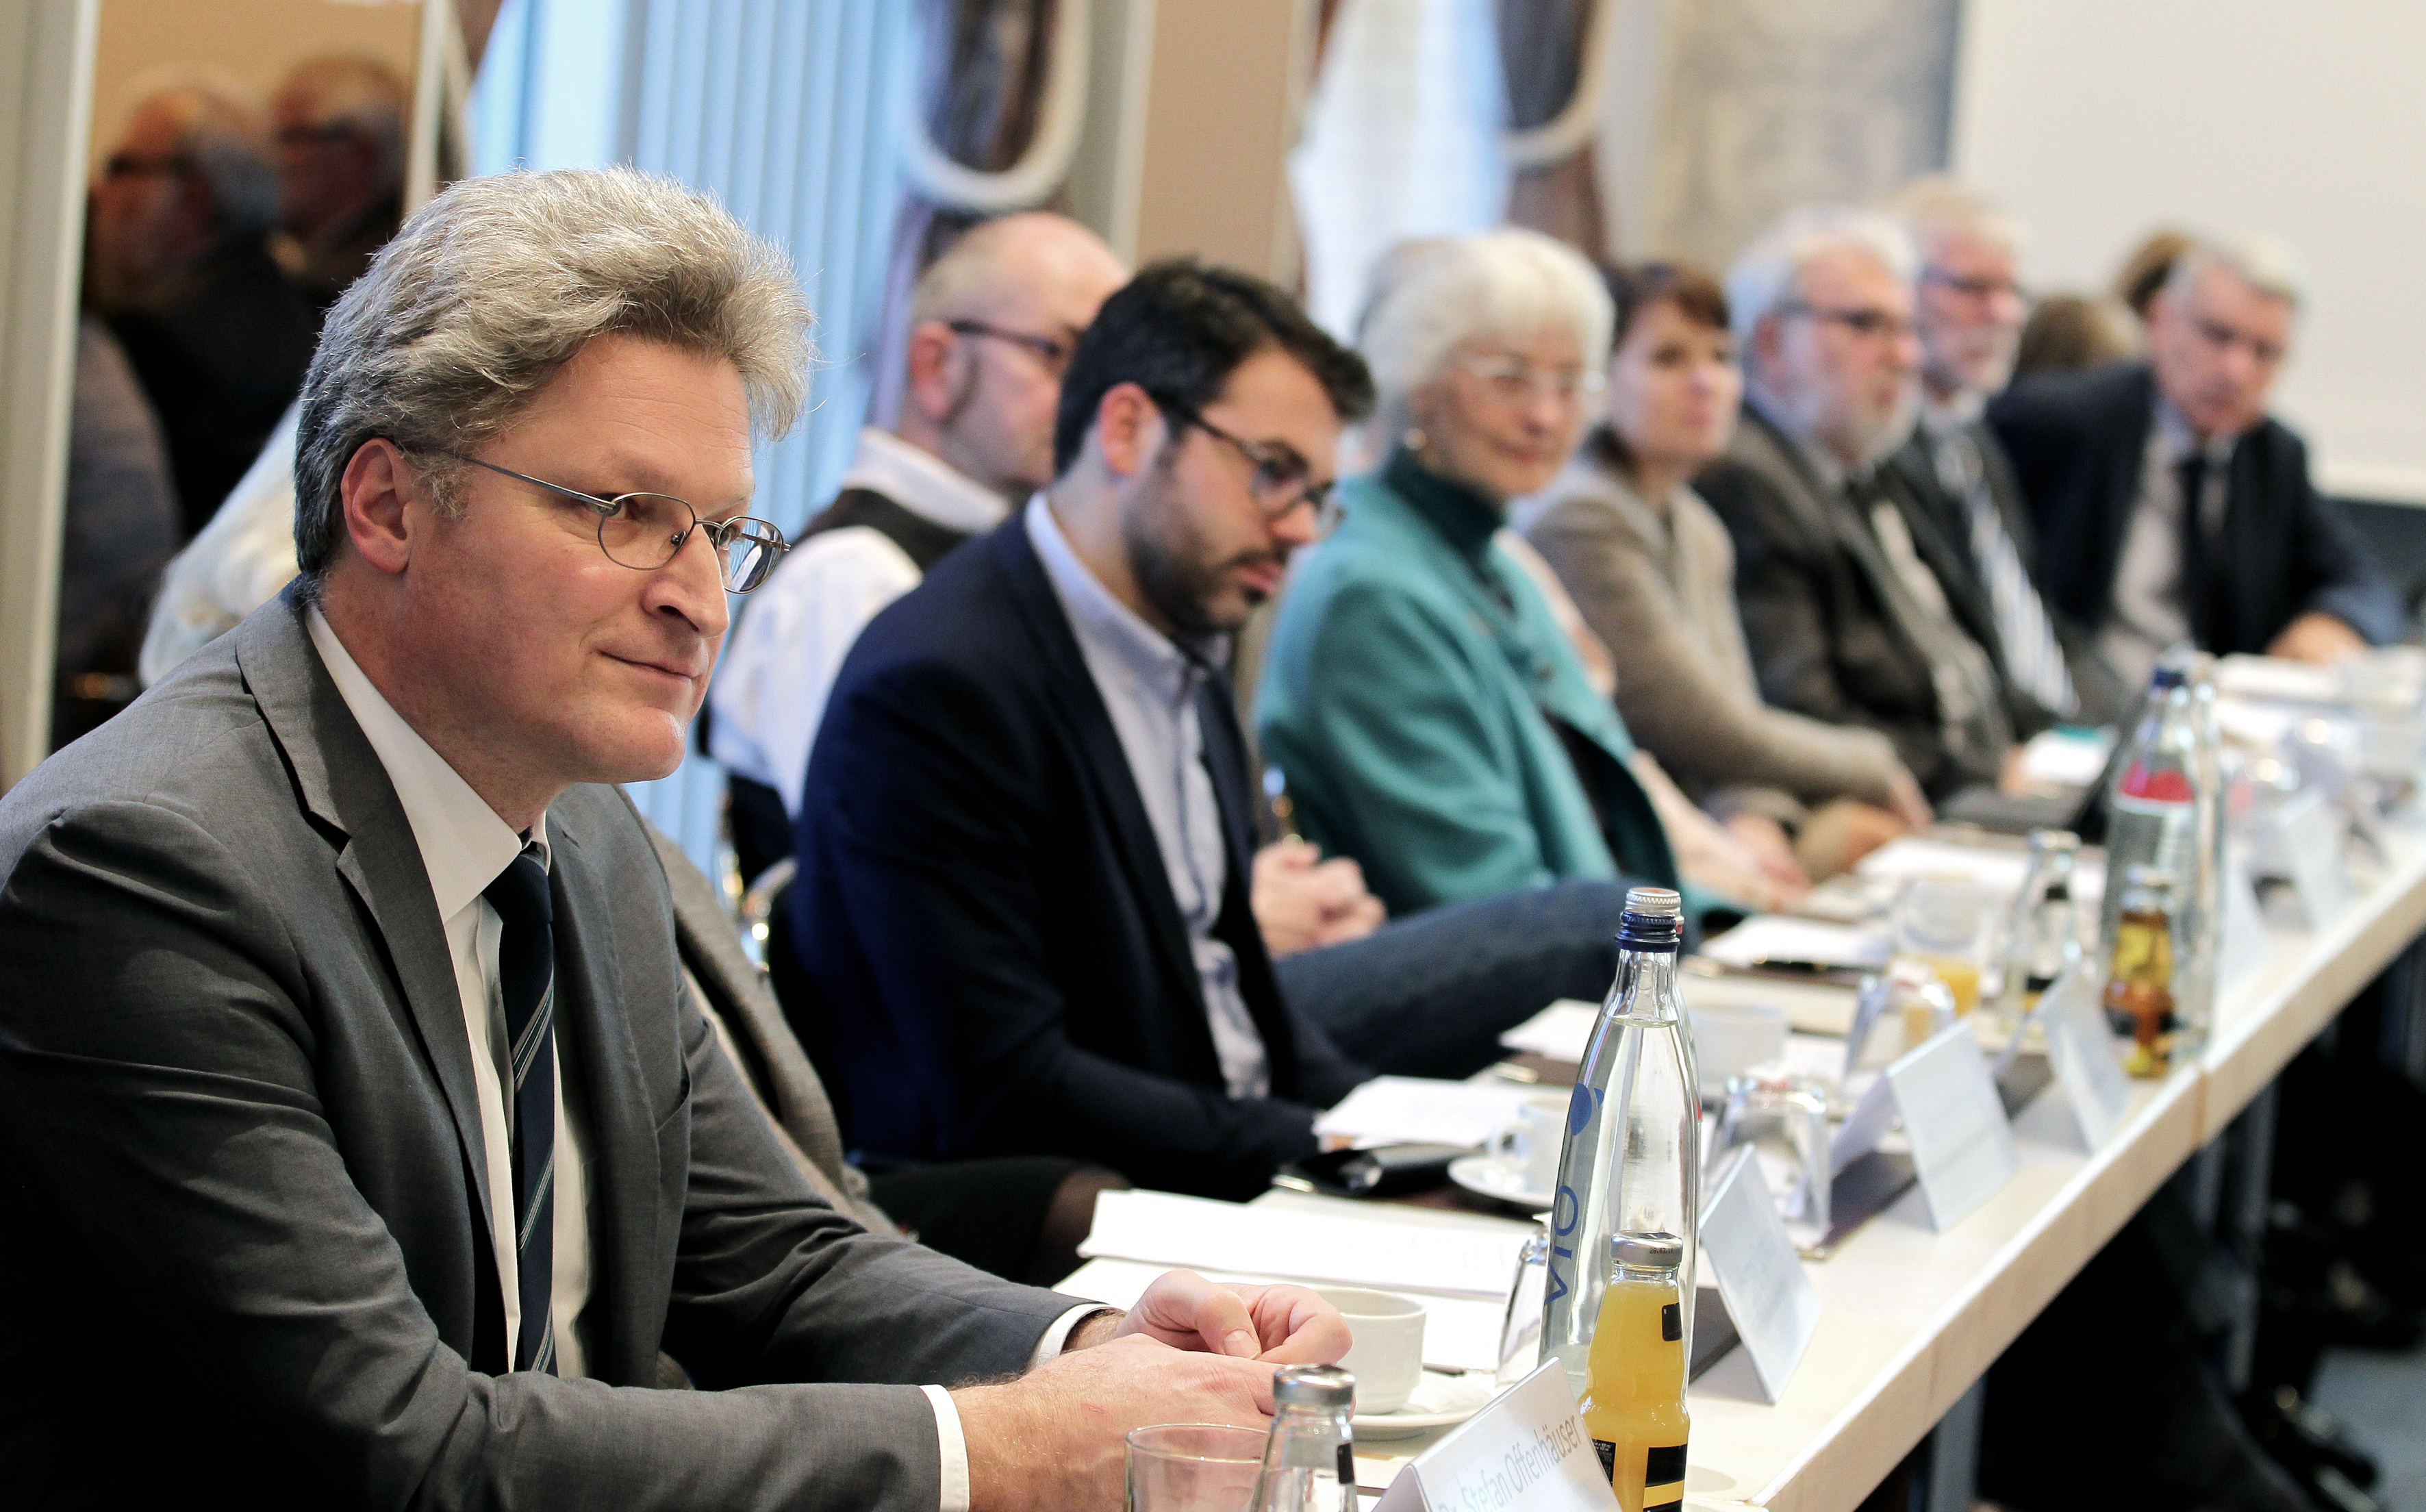 Mitglieder des Medienrats bei der Sitzung